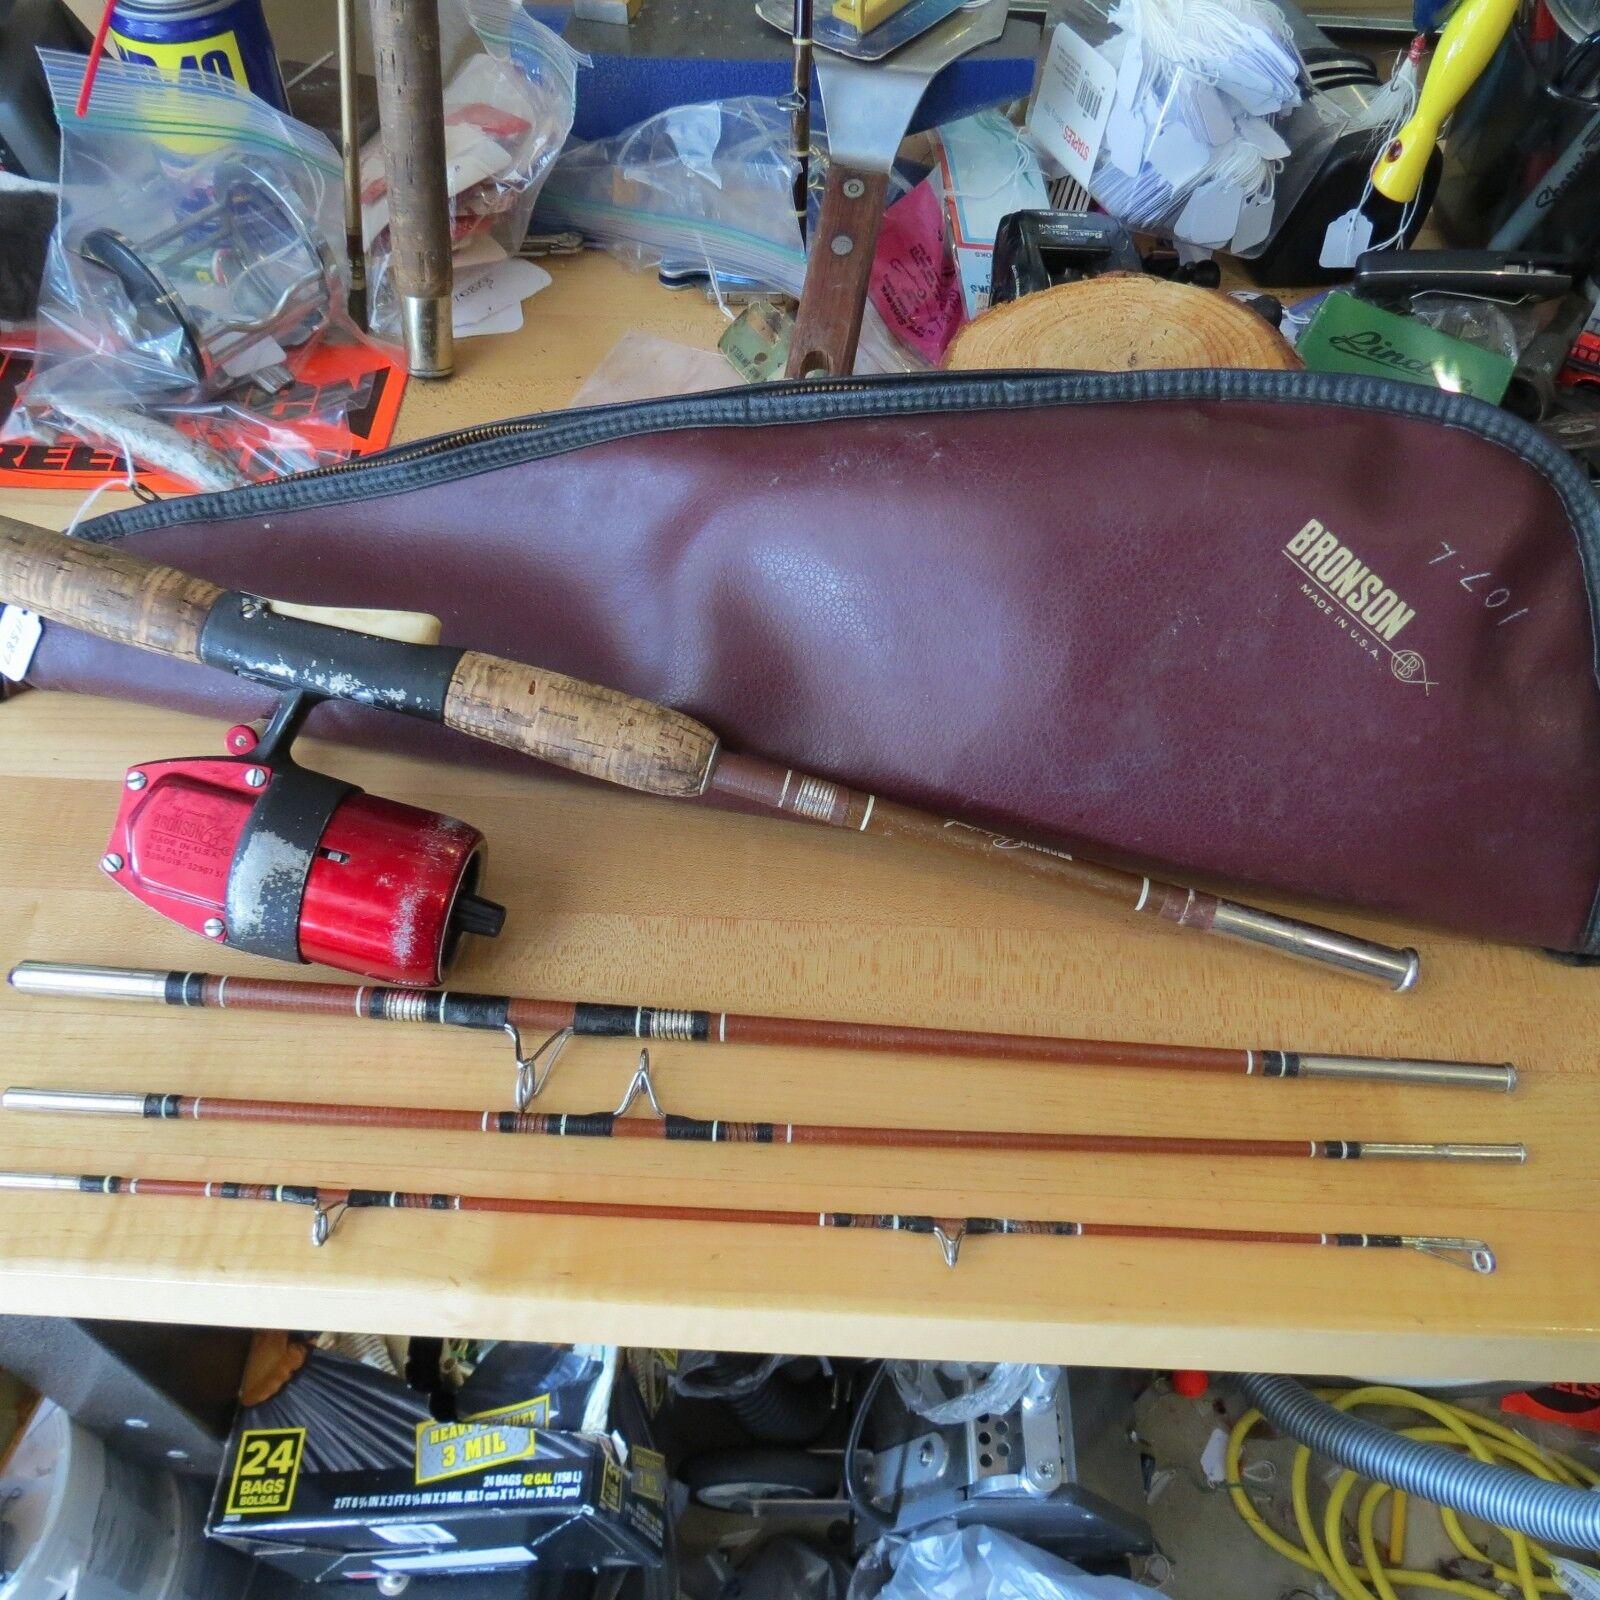 Bronson 63 Professionelle Angelrolle  4 Stück Angelrute mit Gehäuse (Partie)